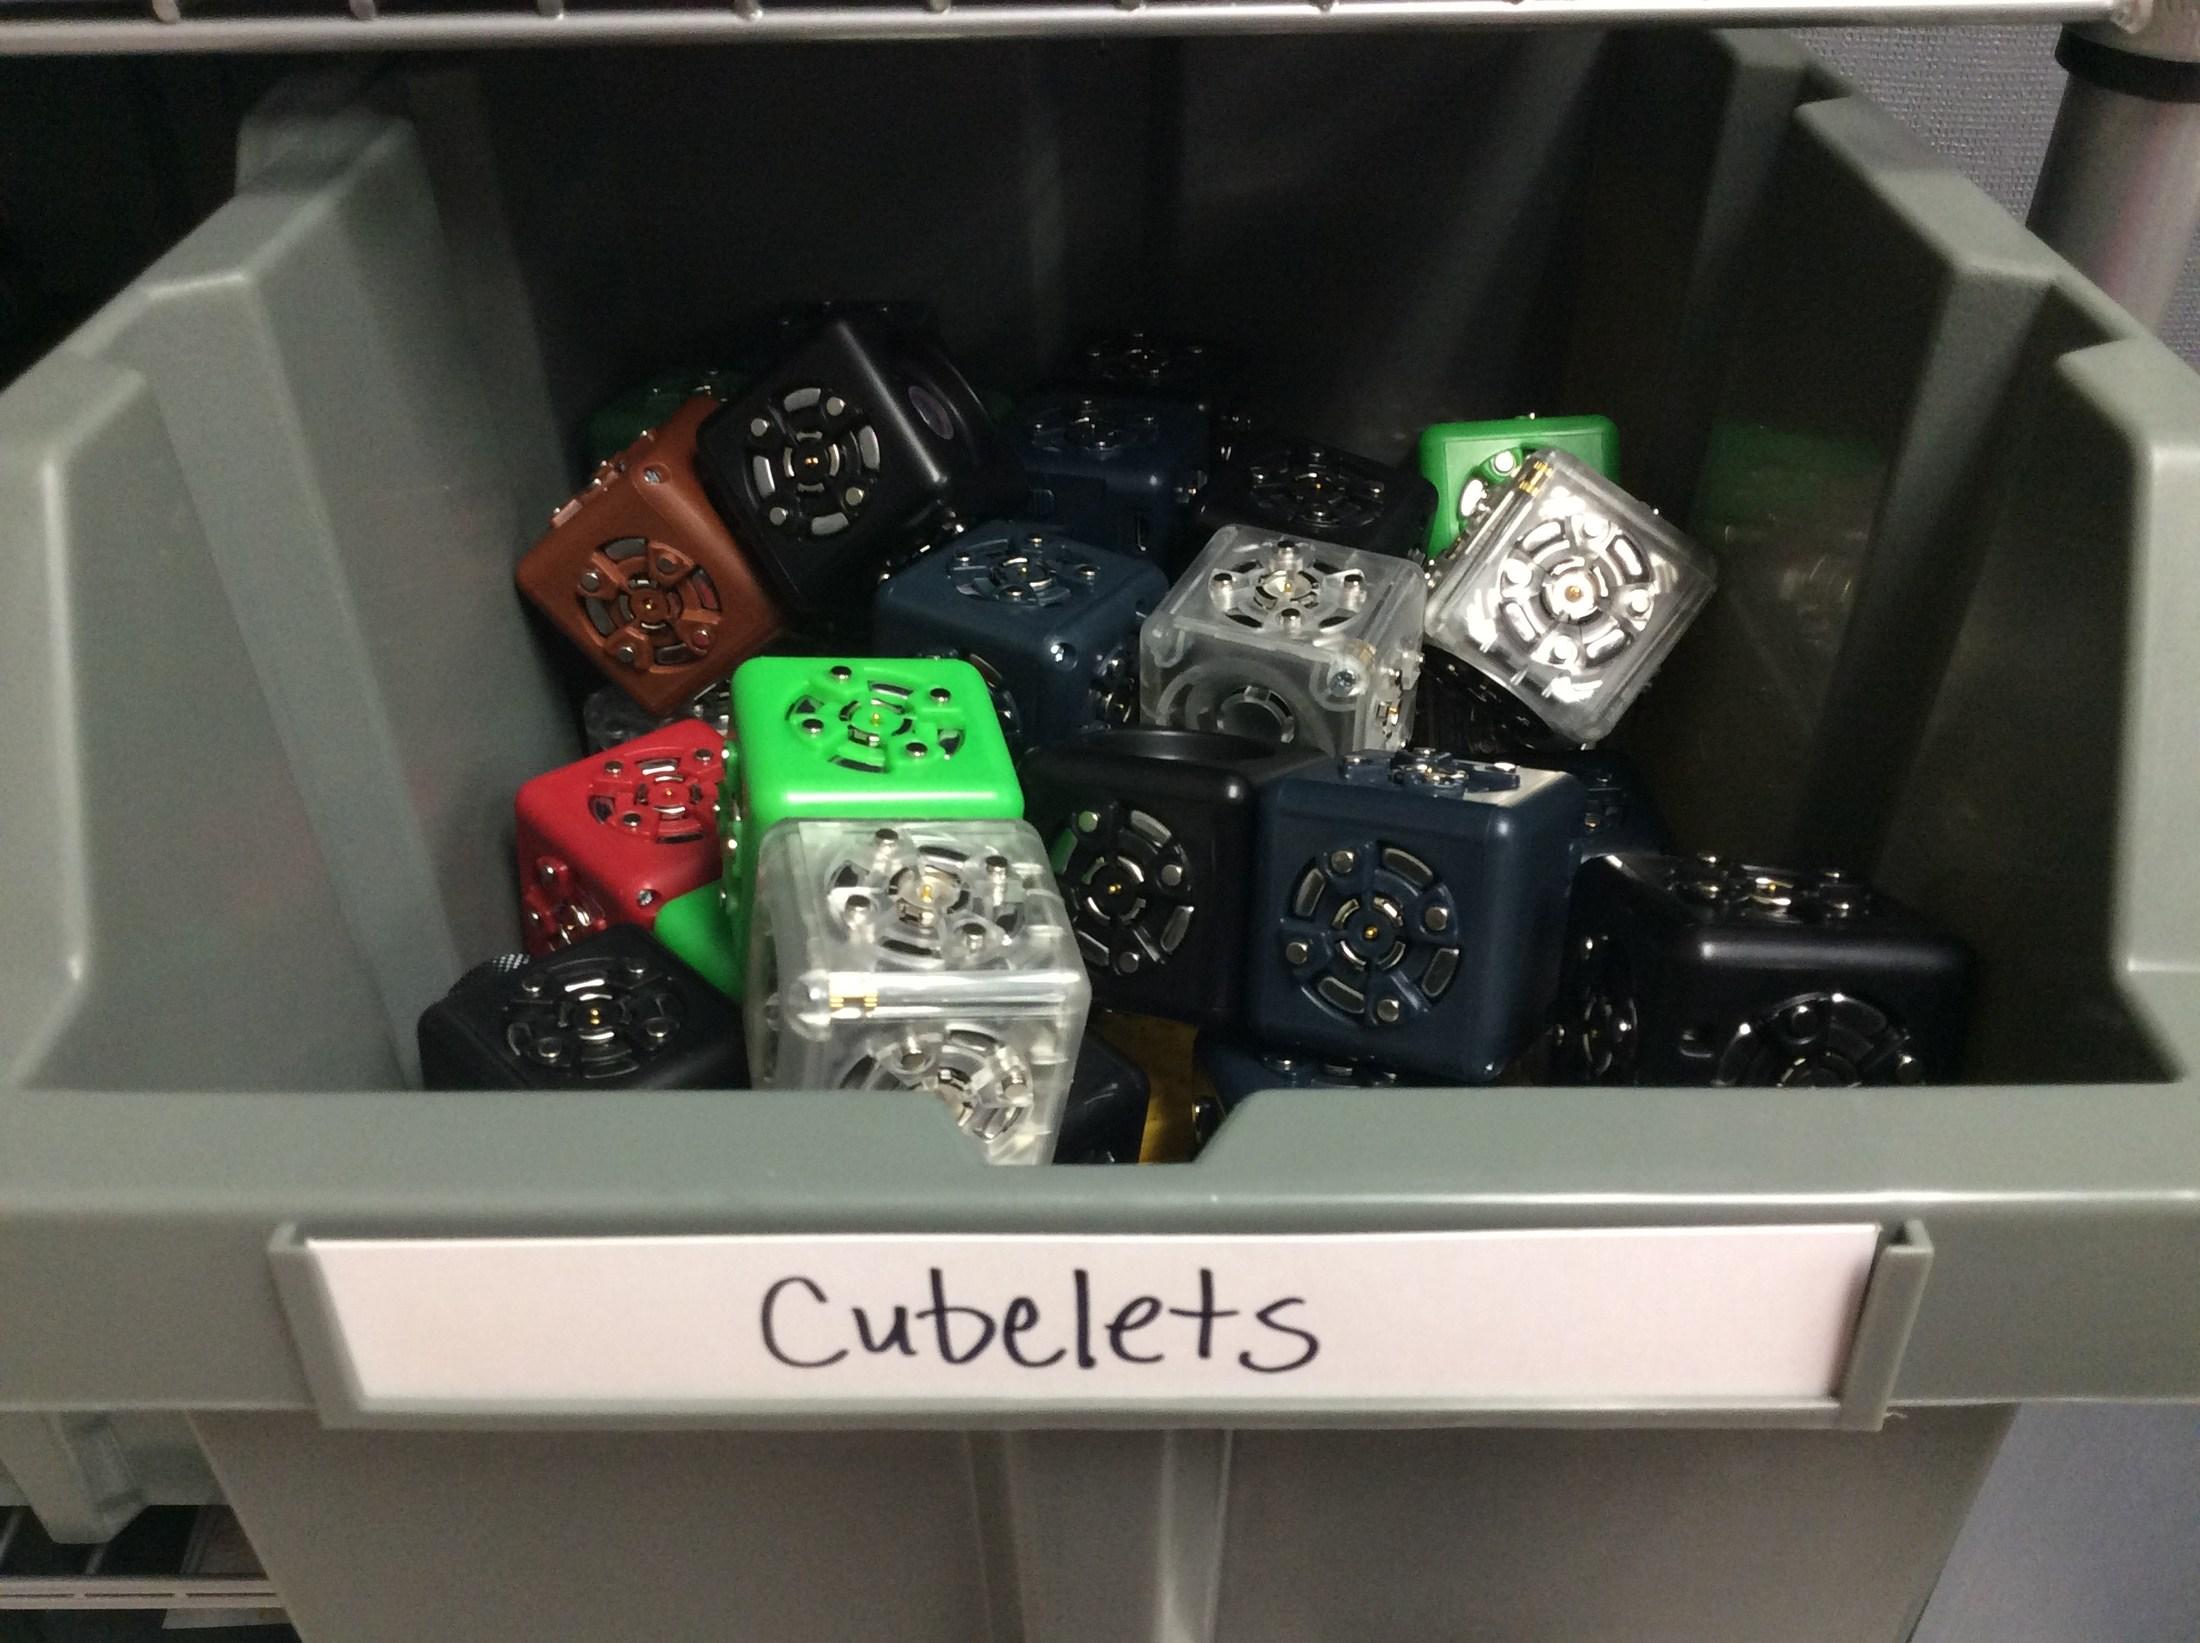 cublets